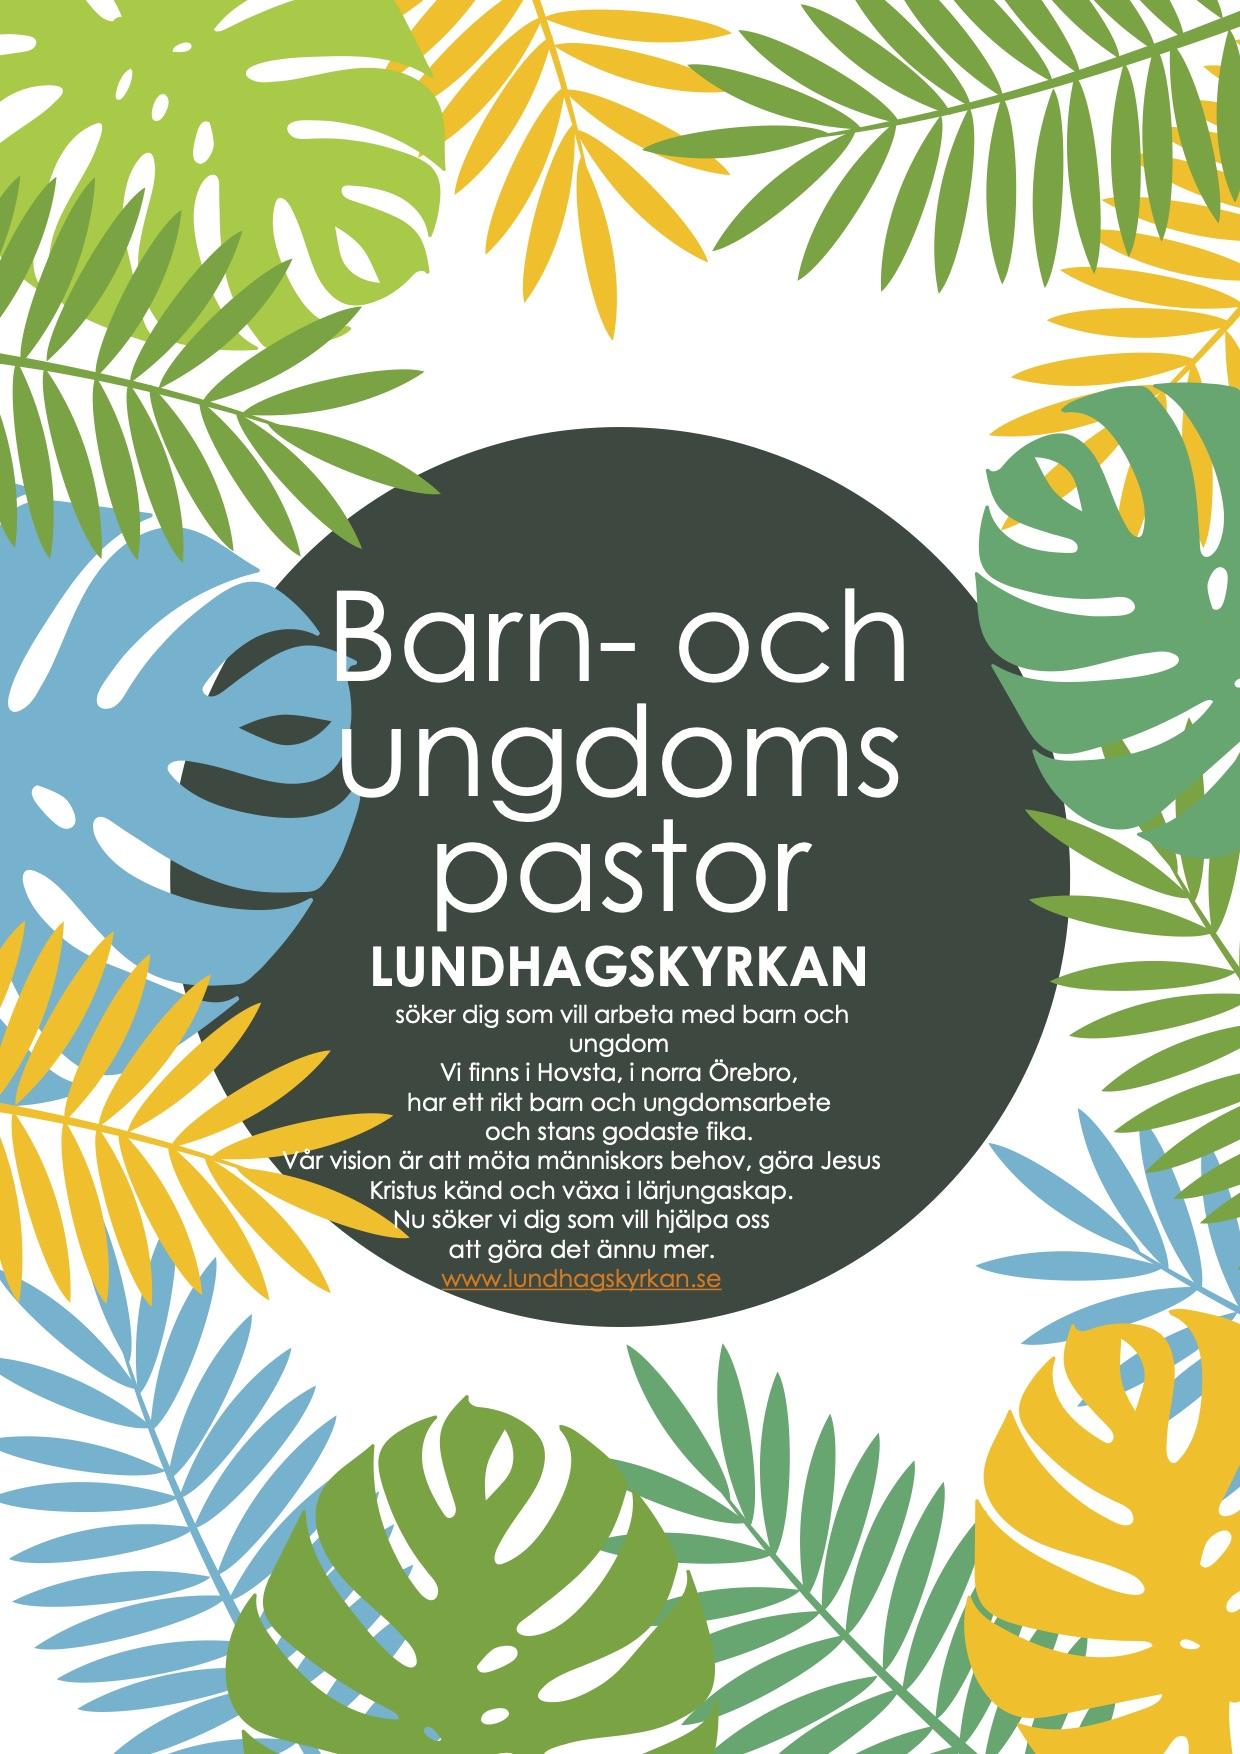 Barn- och ungdomspastor, Lundhagskyrkan